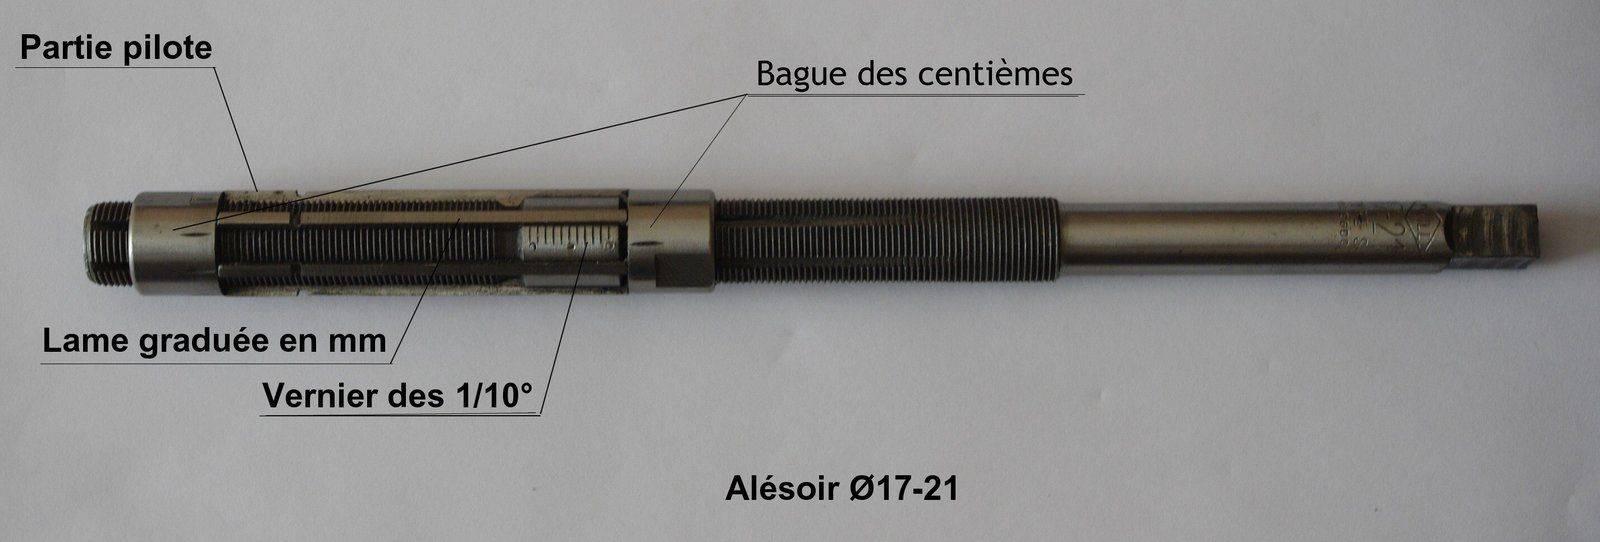 Alesoir_de_21_b.jpg